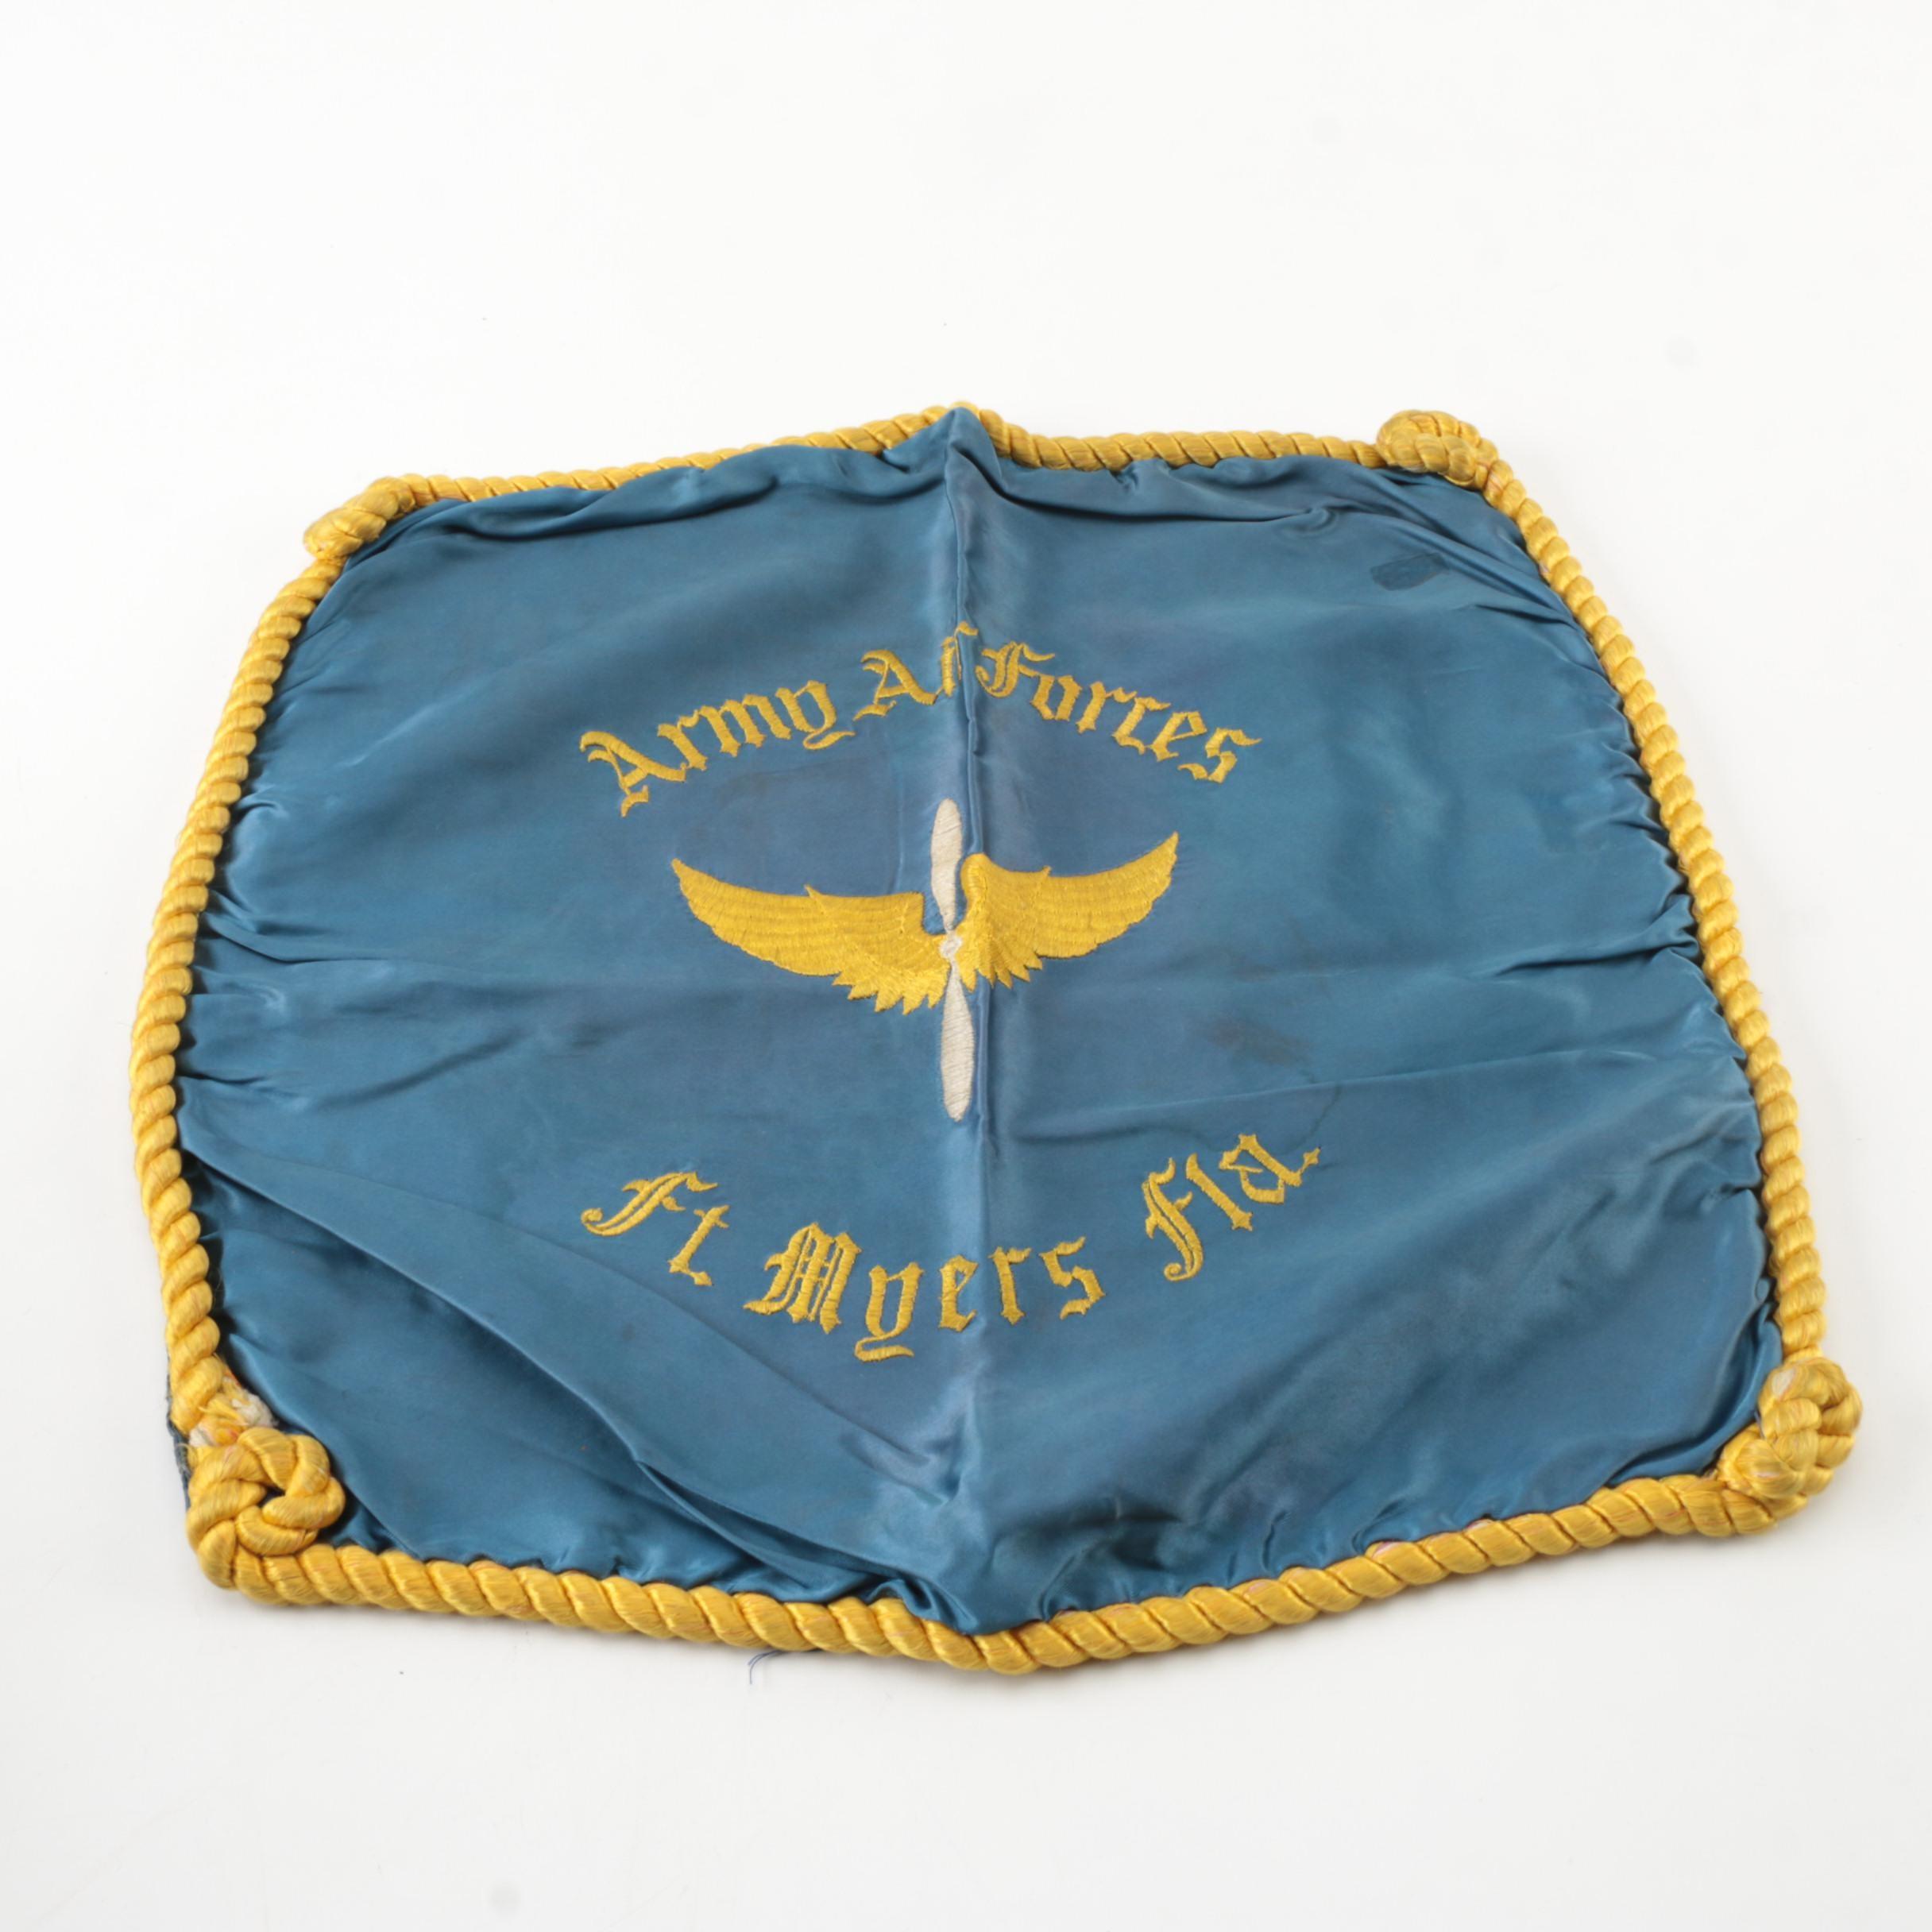 Vintage Army Air Forces Souvenir Pillow Cover